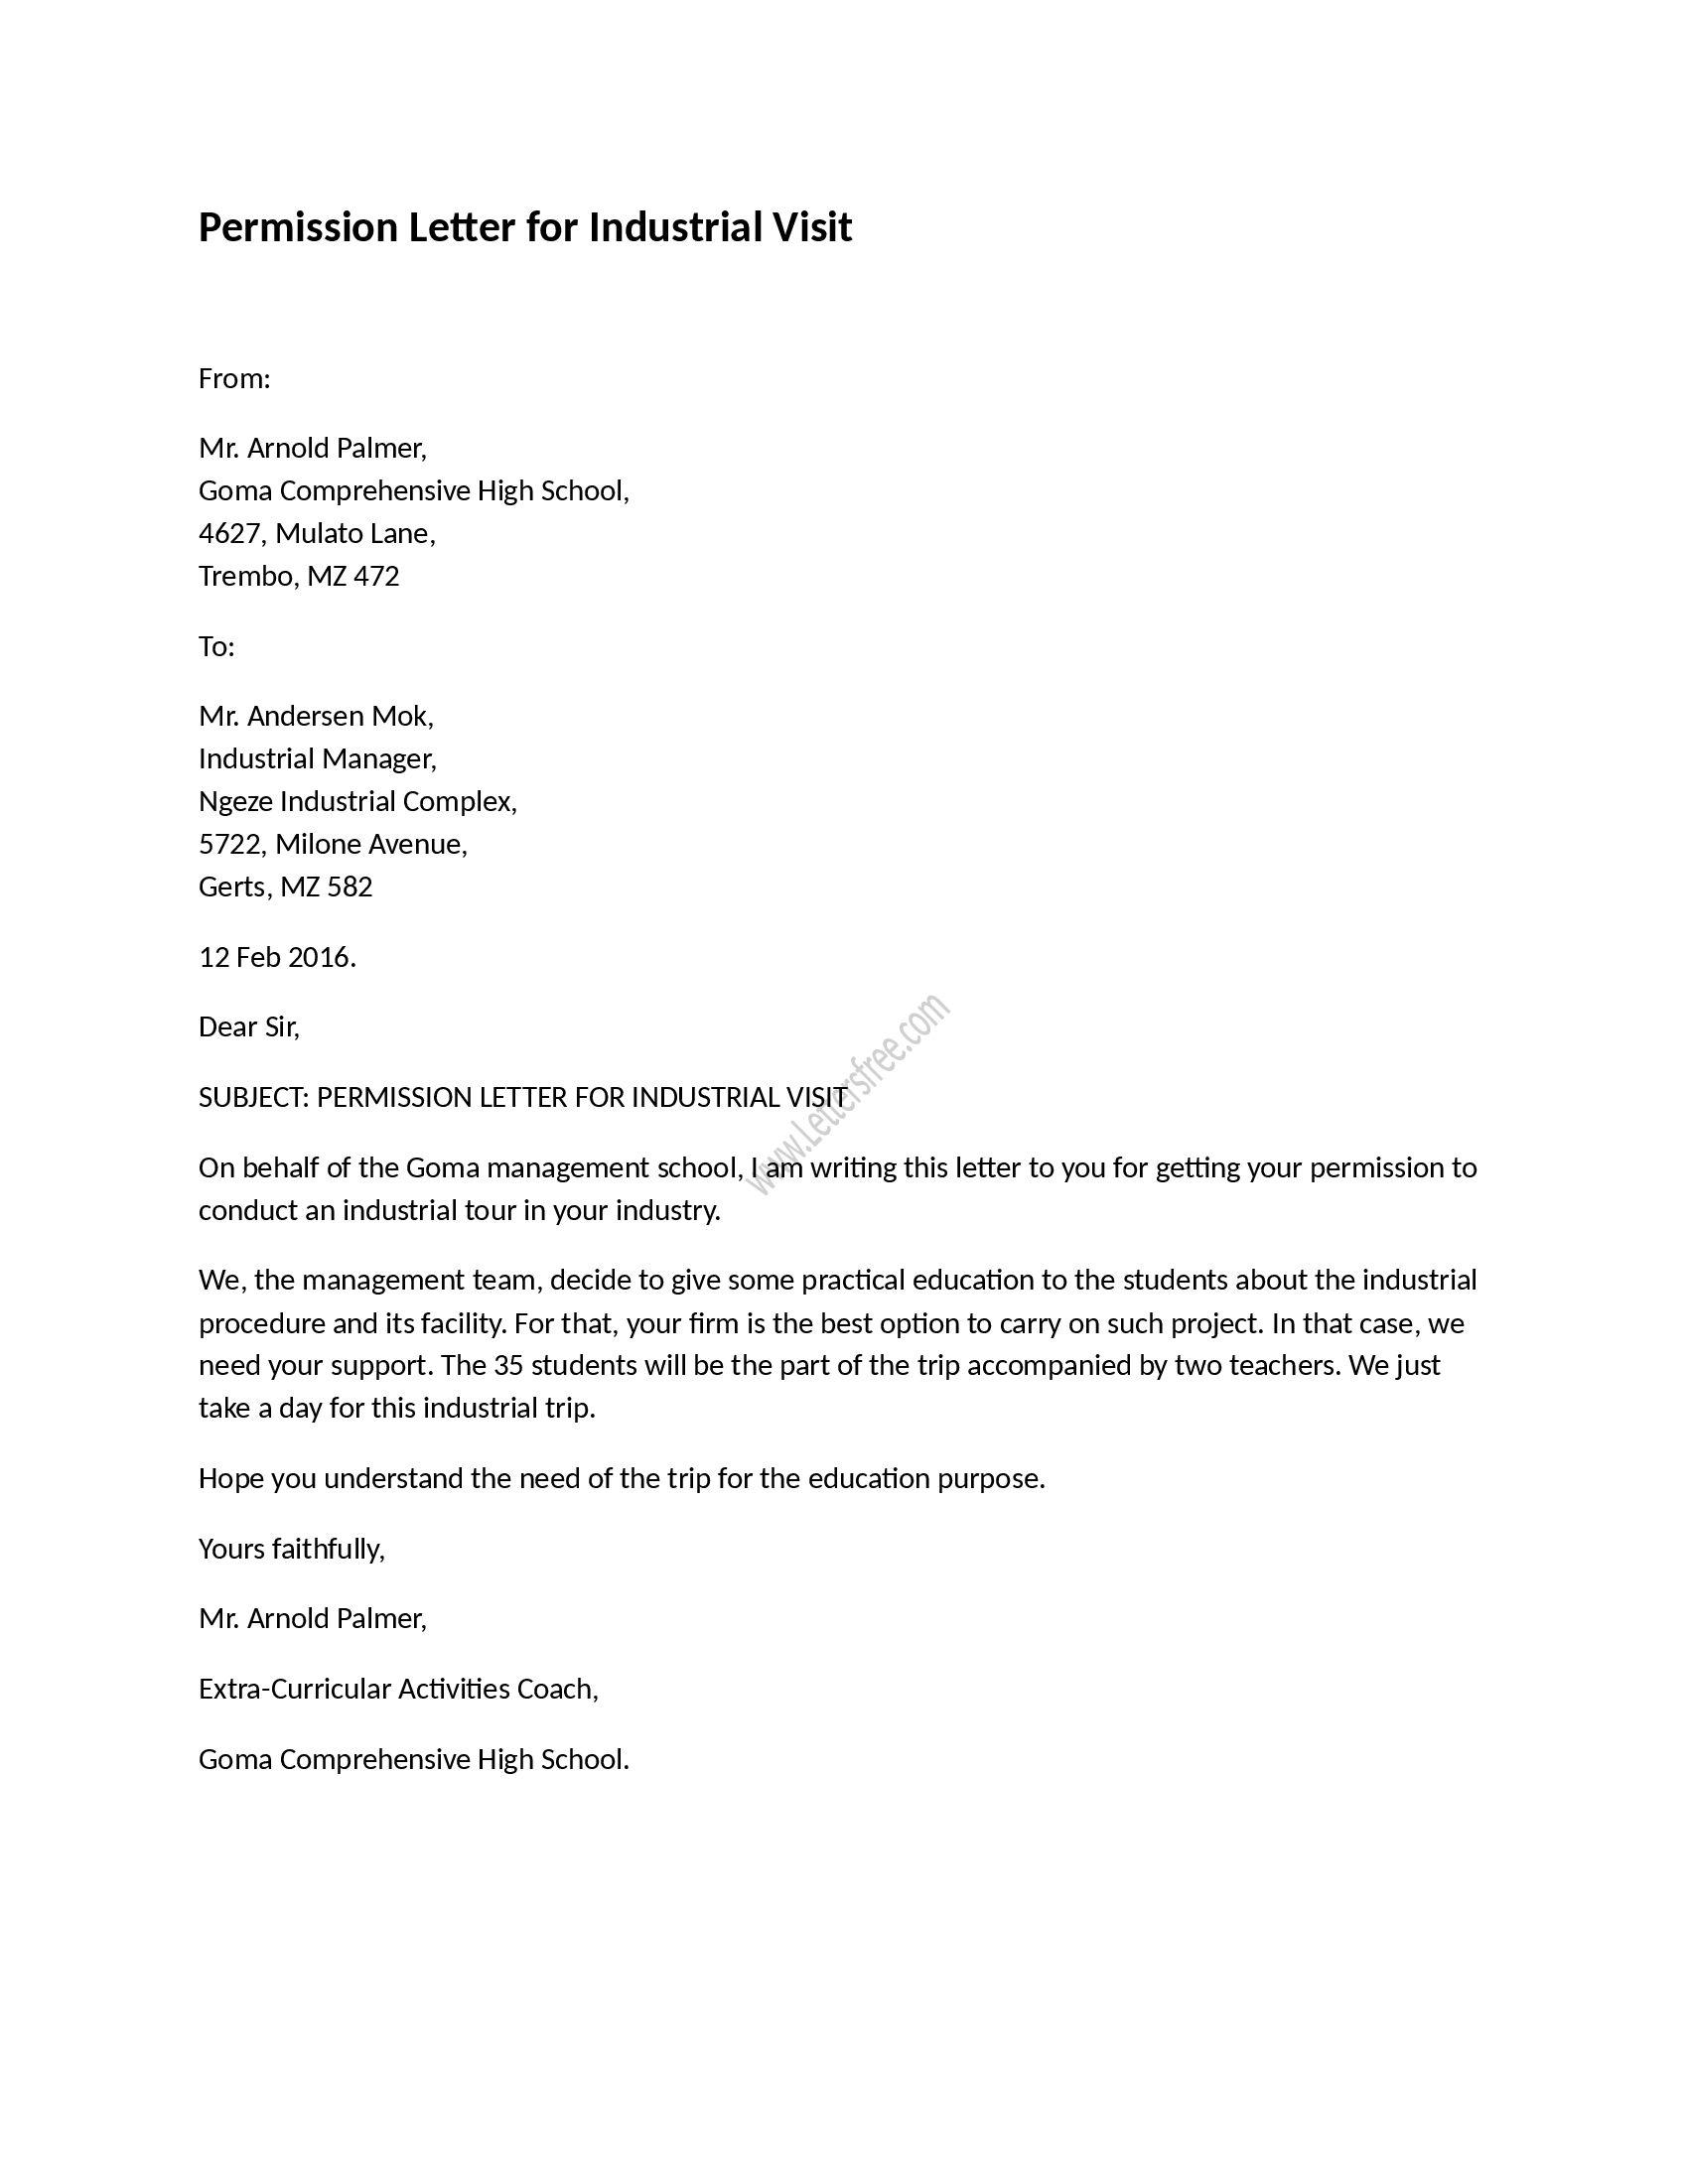 Parent Permission Letter Template - Permission Letter for Industrial Visit Pinterest